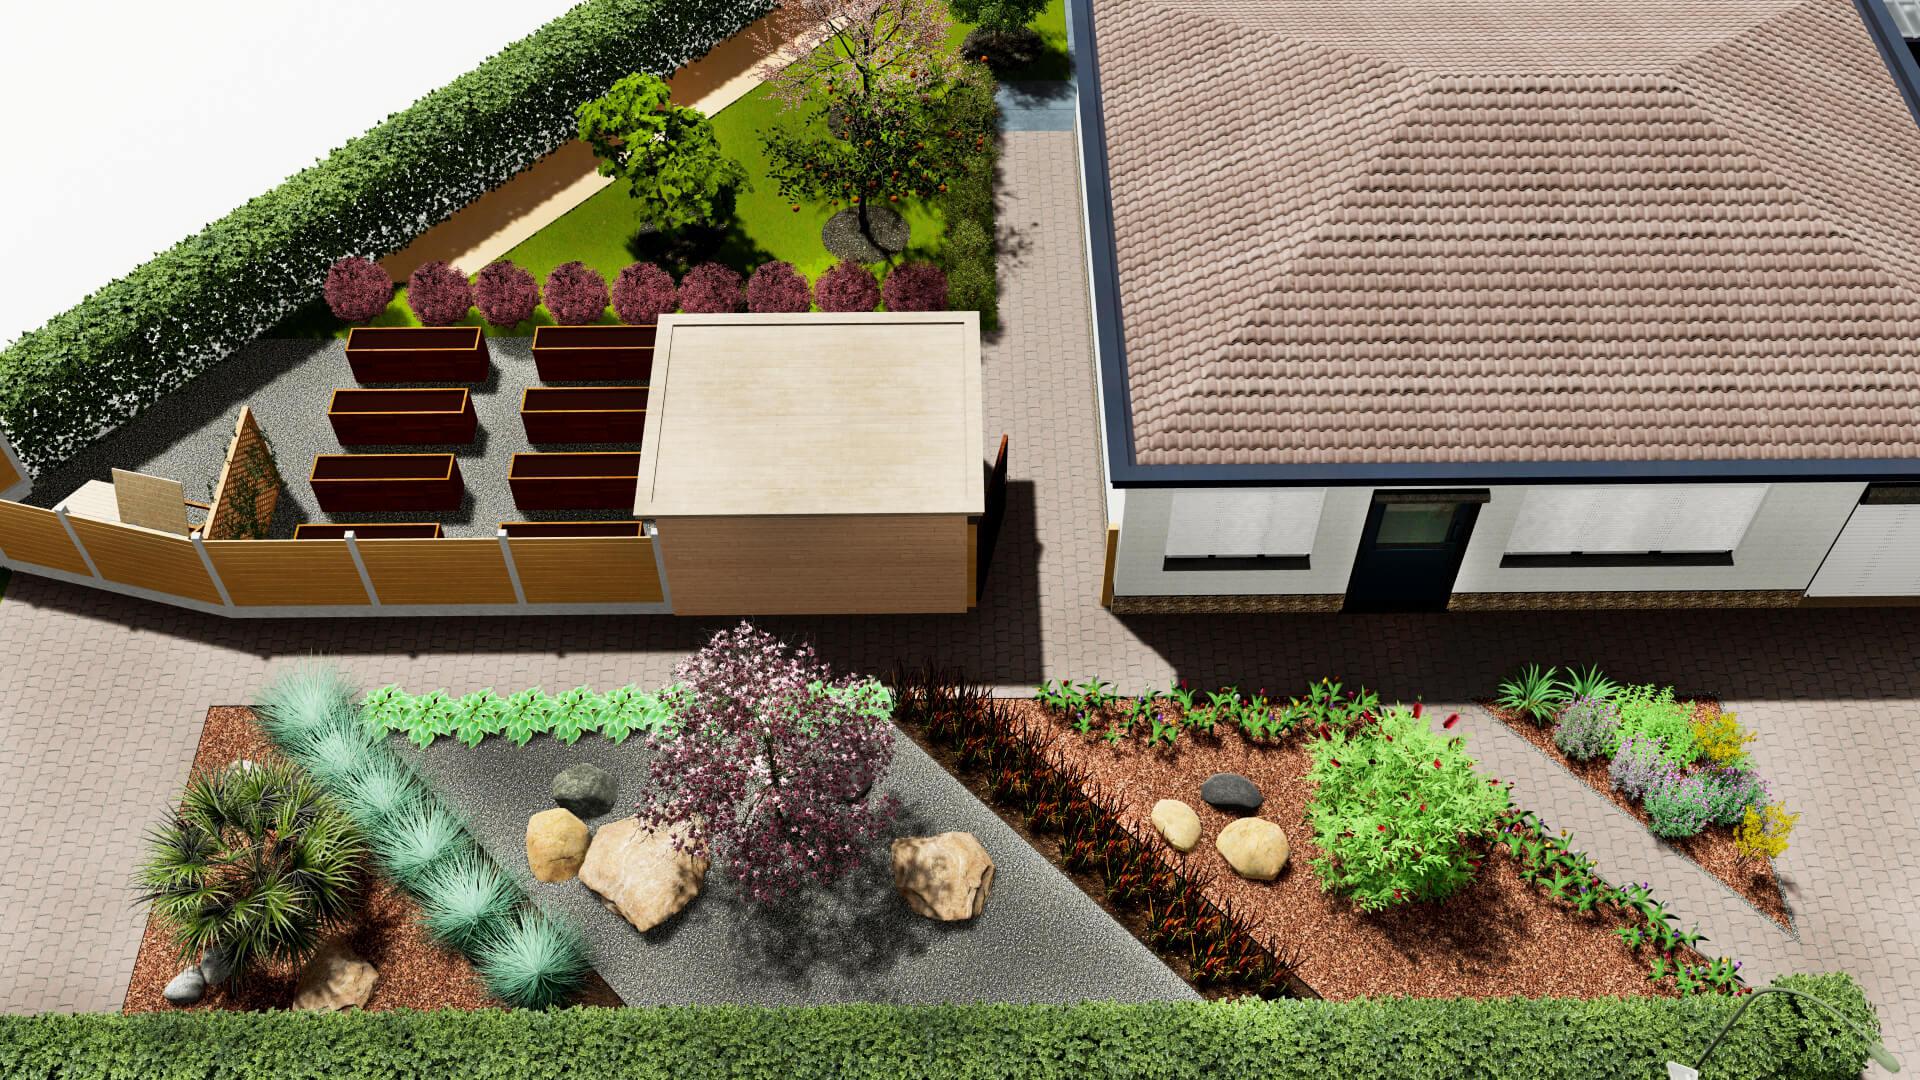 Jardín frente de la casa